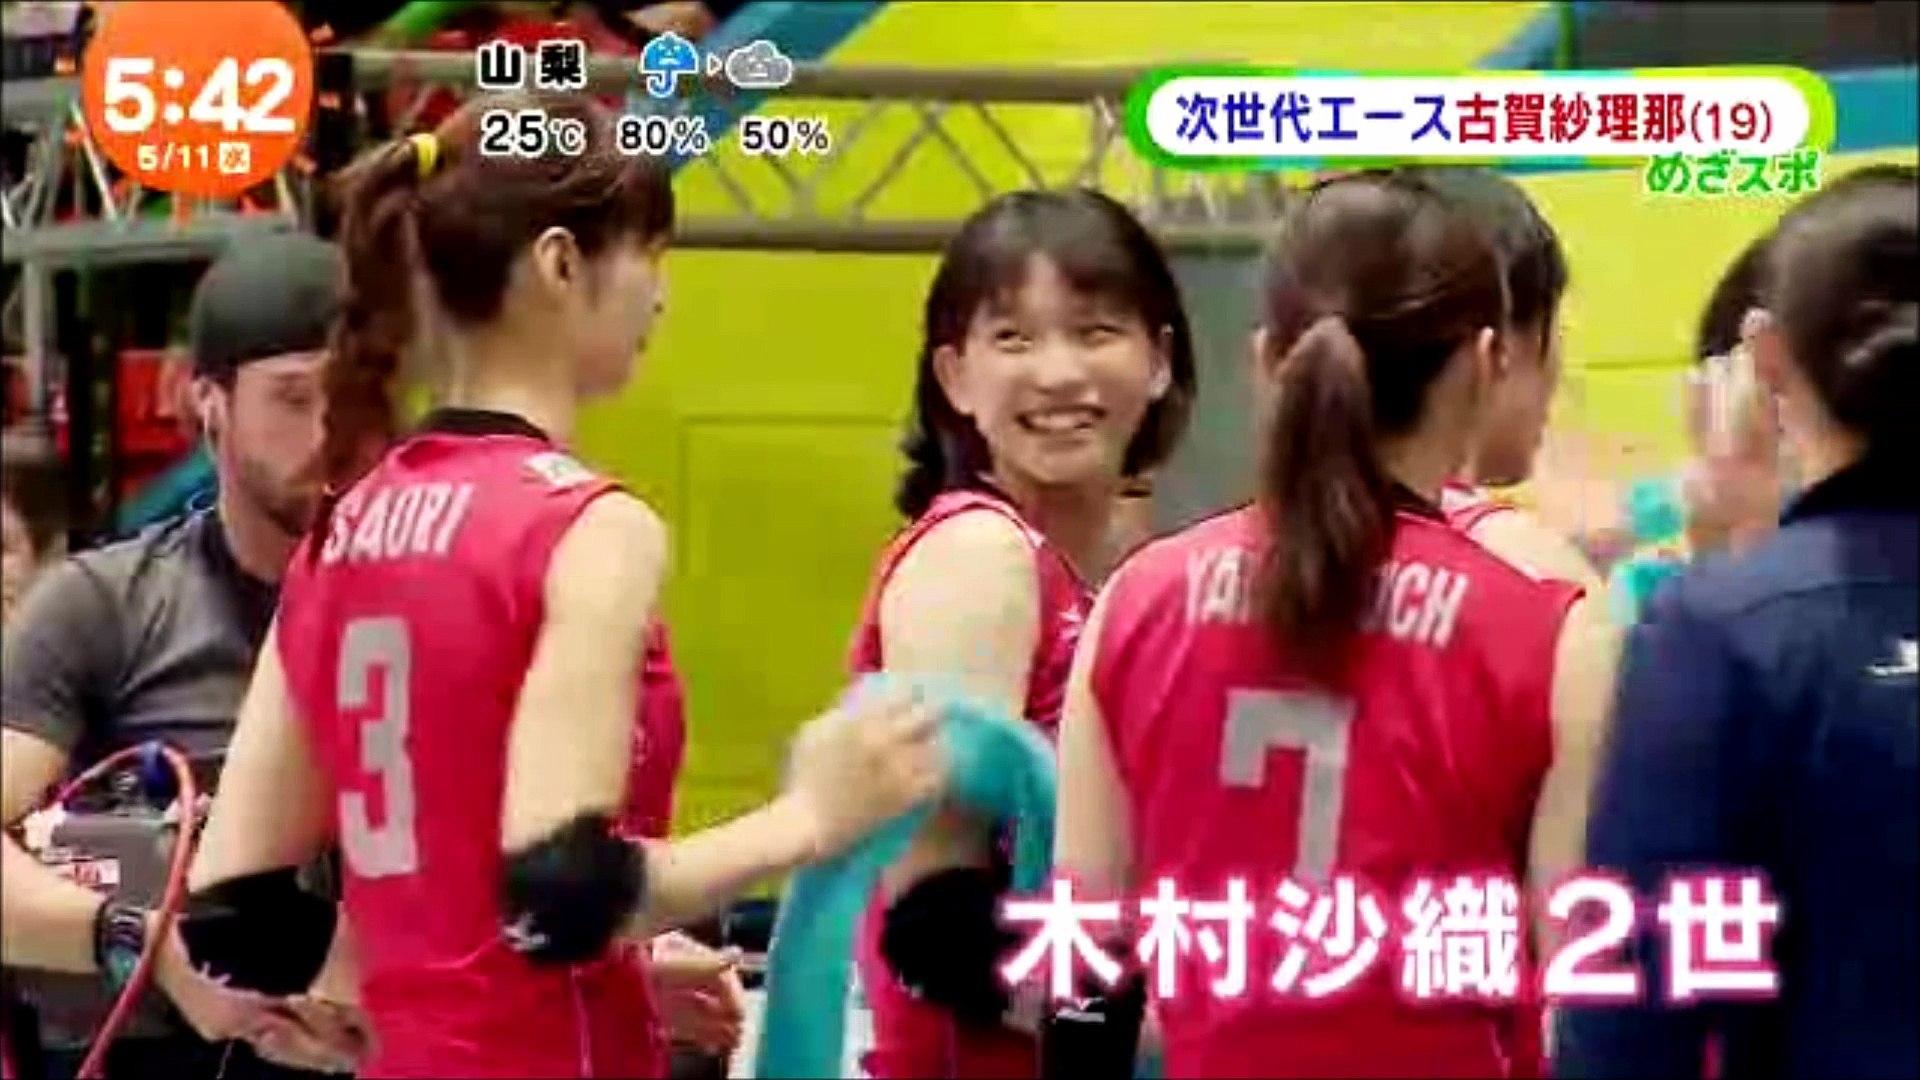 バレー女子日本代表 古賀紗理那 故郷 熊本への思いを胸に立ち上がる 動画 Dailymotion